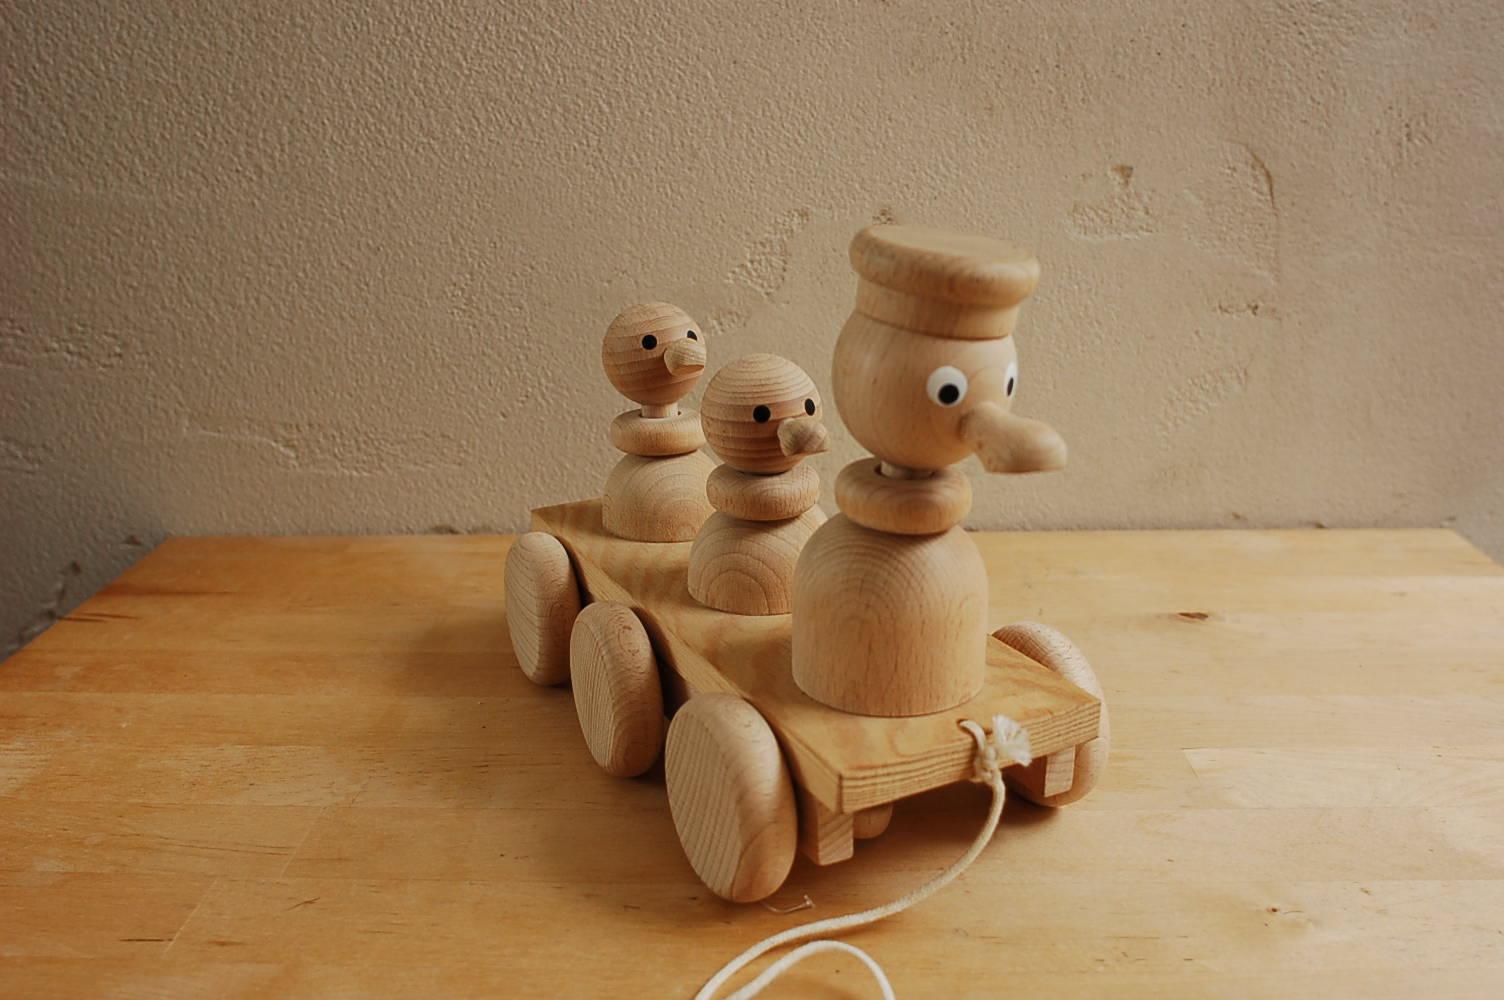 木 の おもちゃ 木のおもちゃ Brook(ぶるっく)